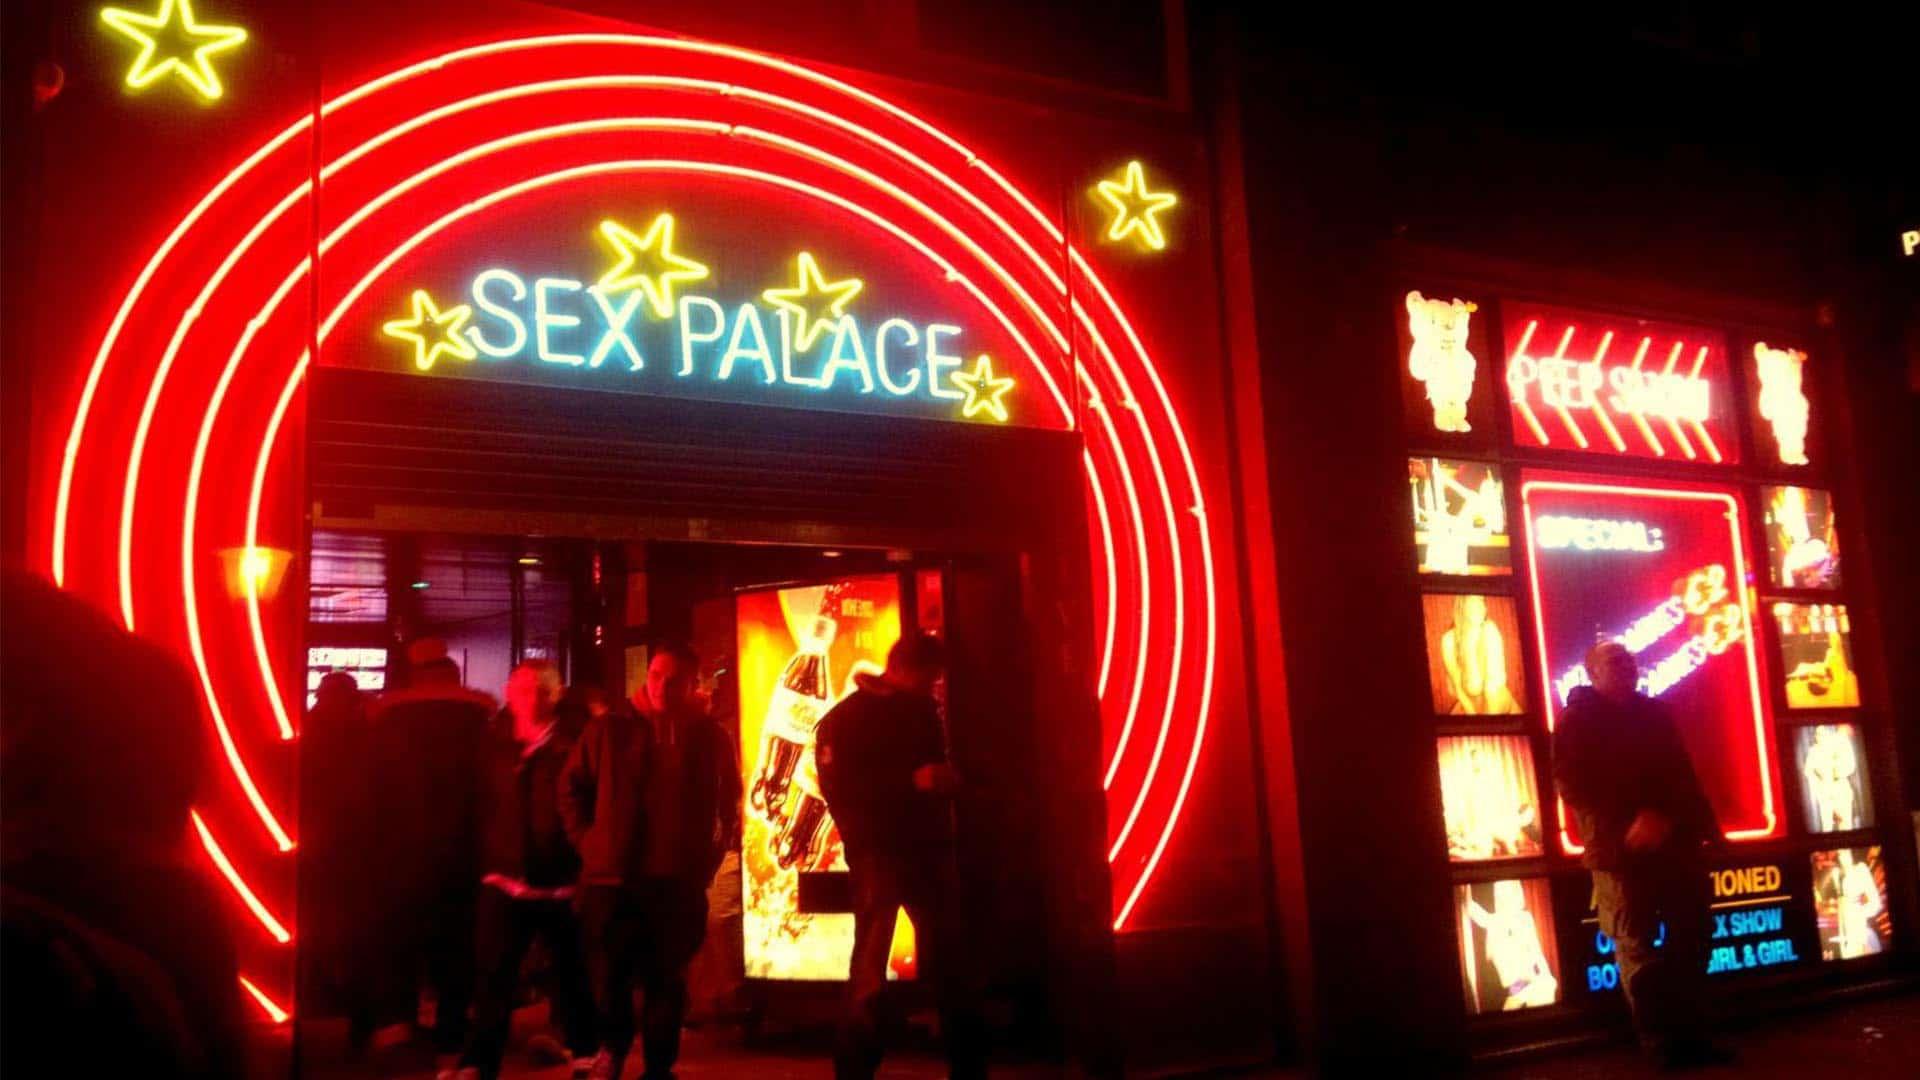 prostitutas masturbandose calle prostitutas amsterdam